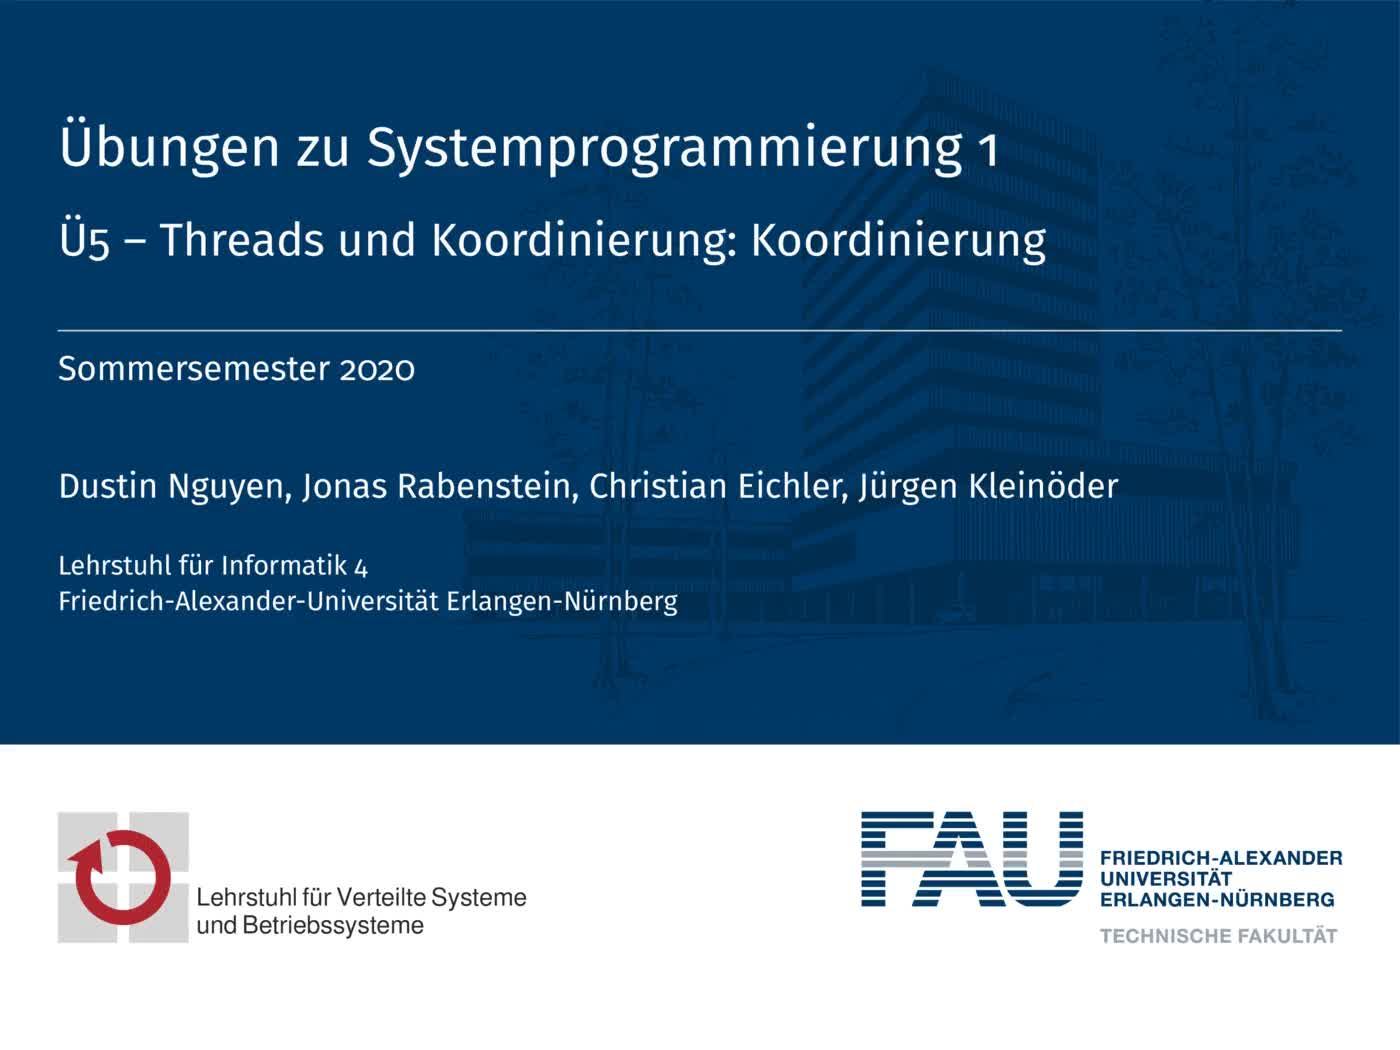 5.2 Threads: Koordinierung preview image